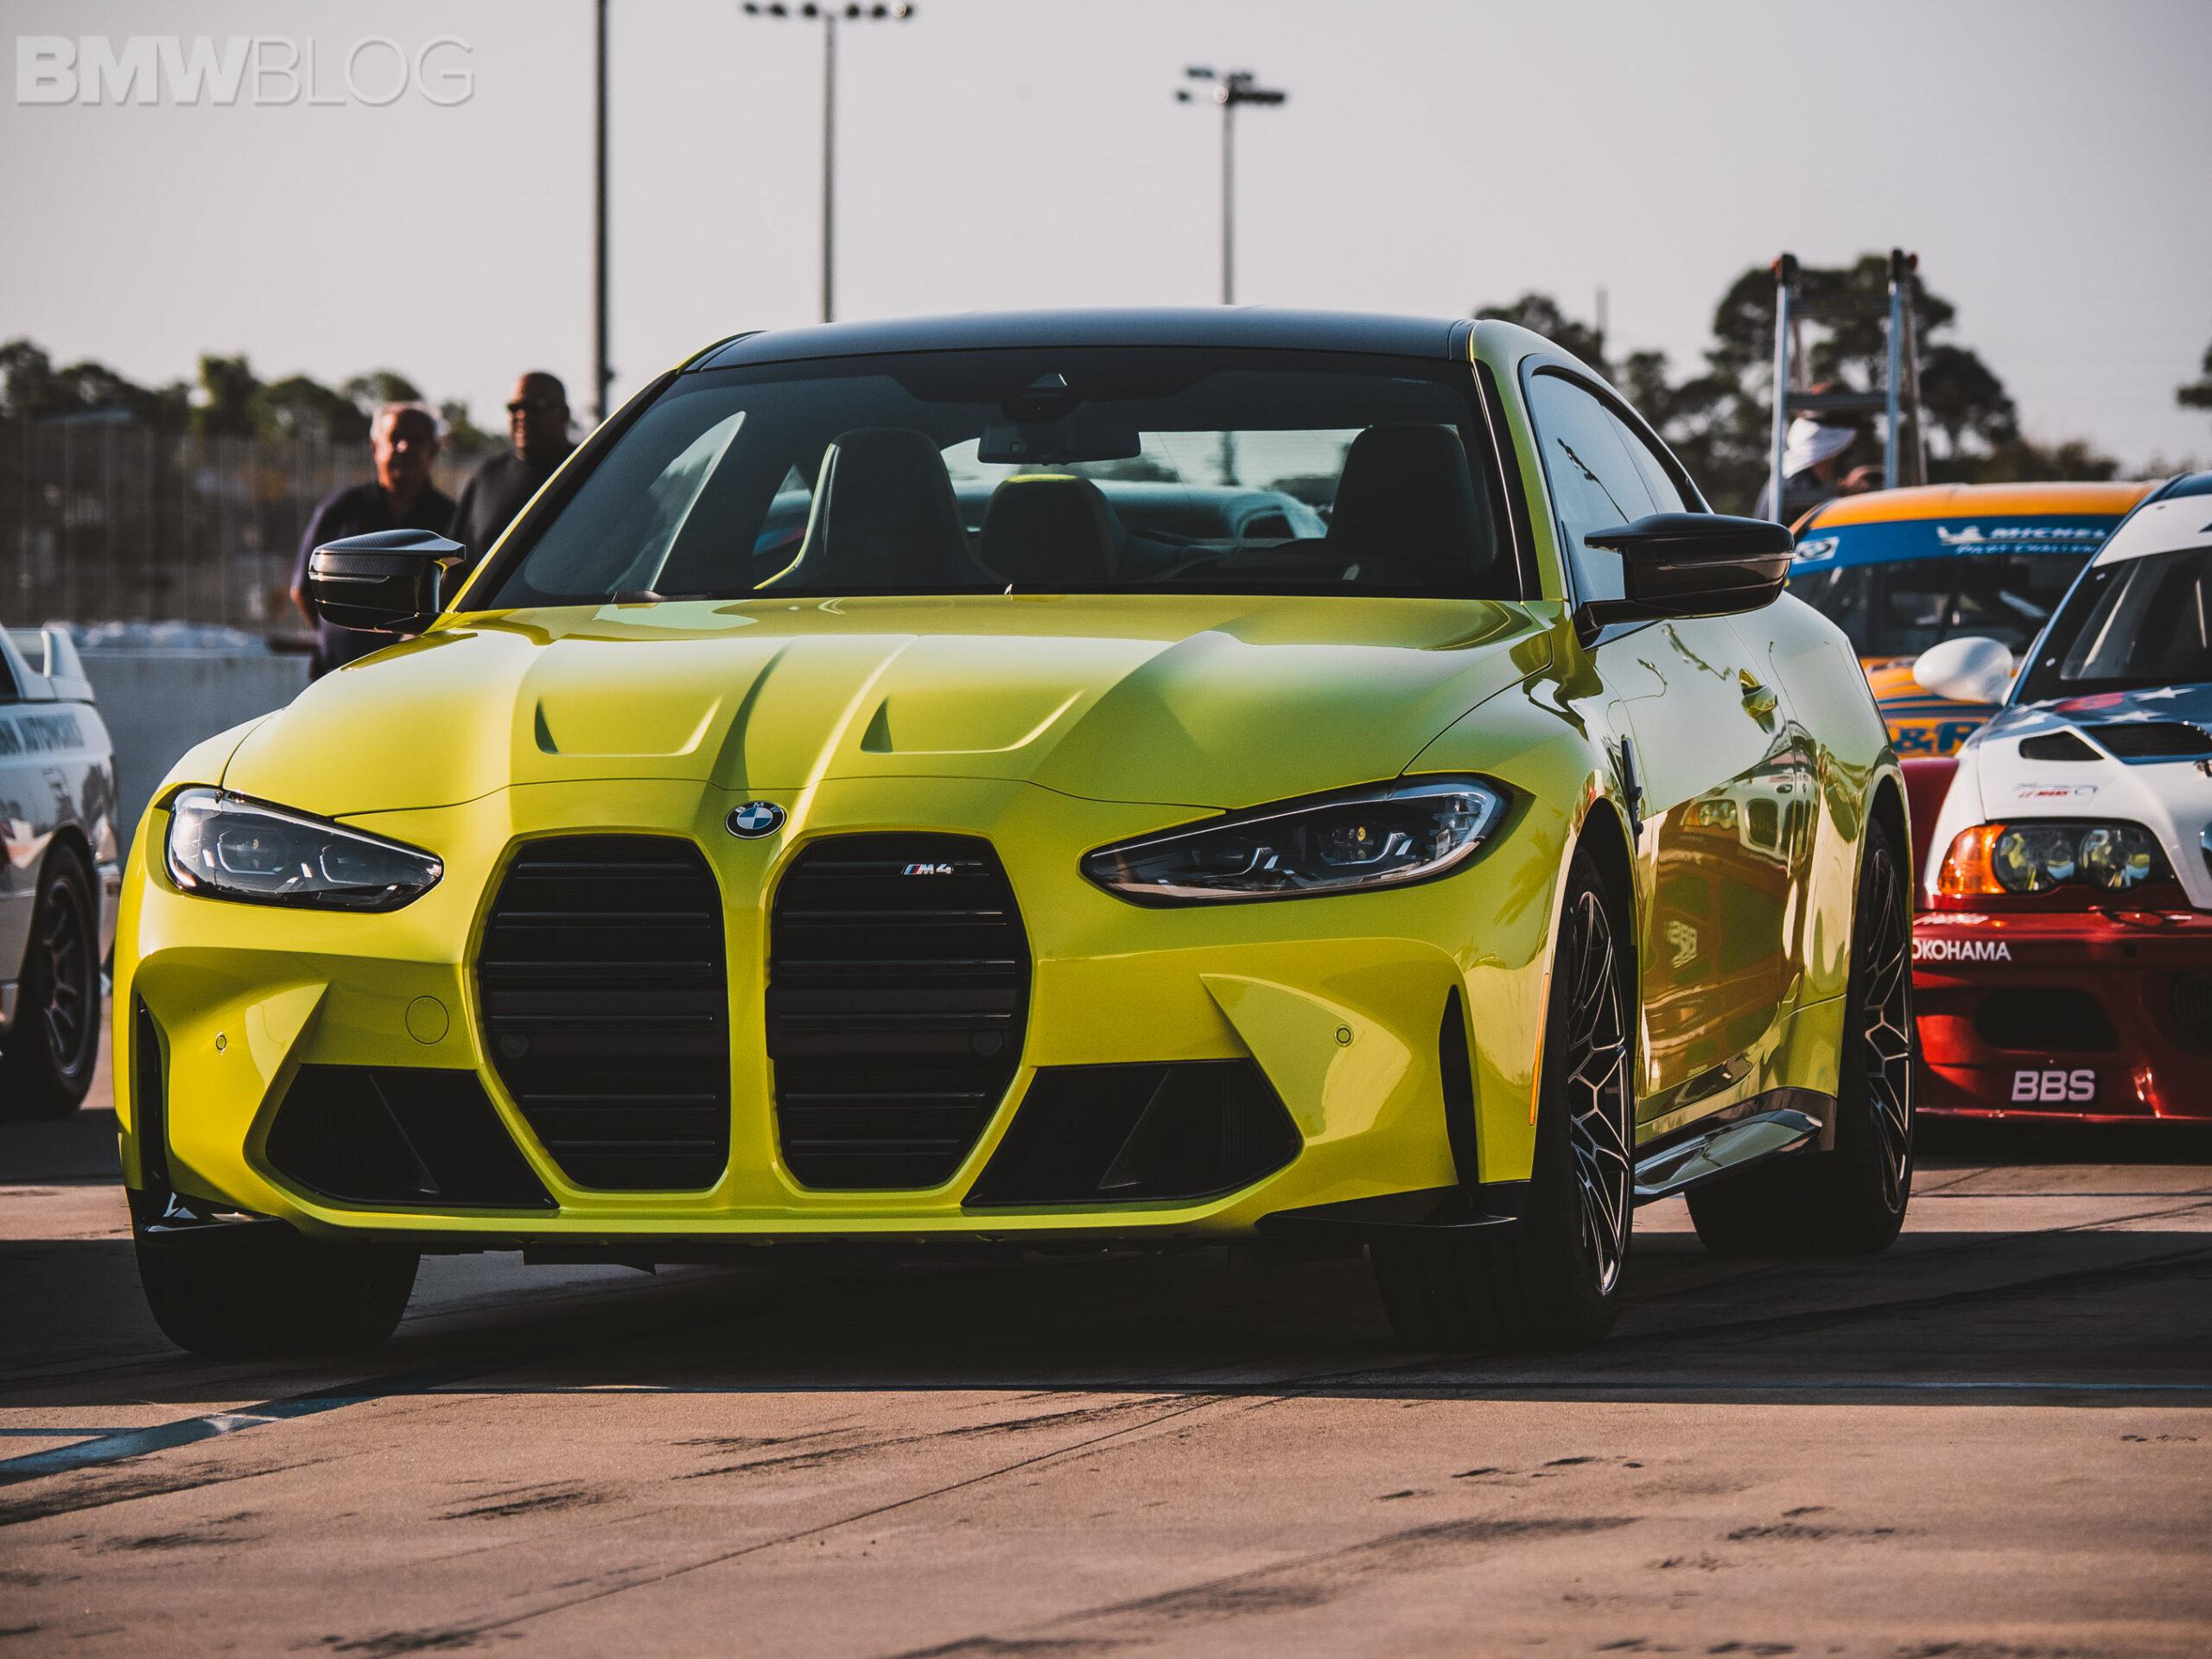 Эксклюзивный взгляд на новые BMW M3 и M4 2021 года на гоночной трассе